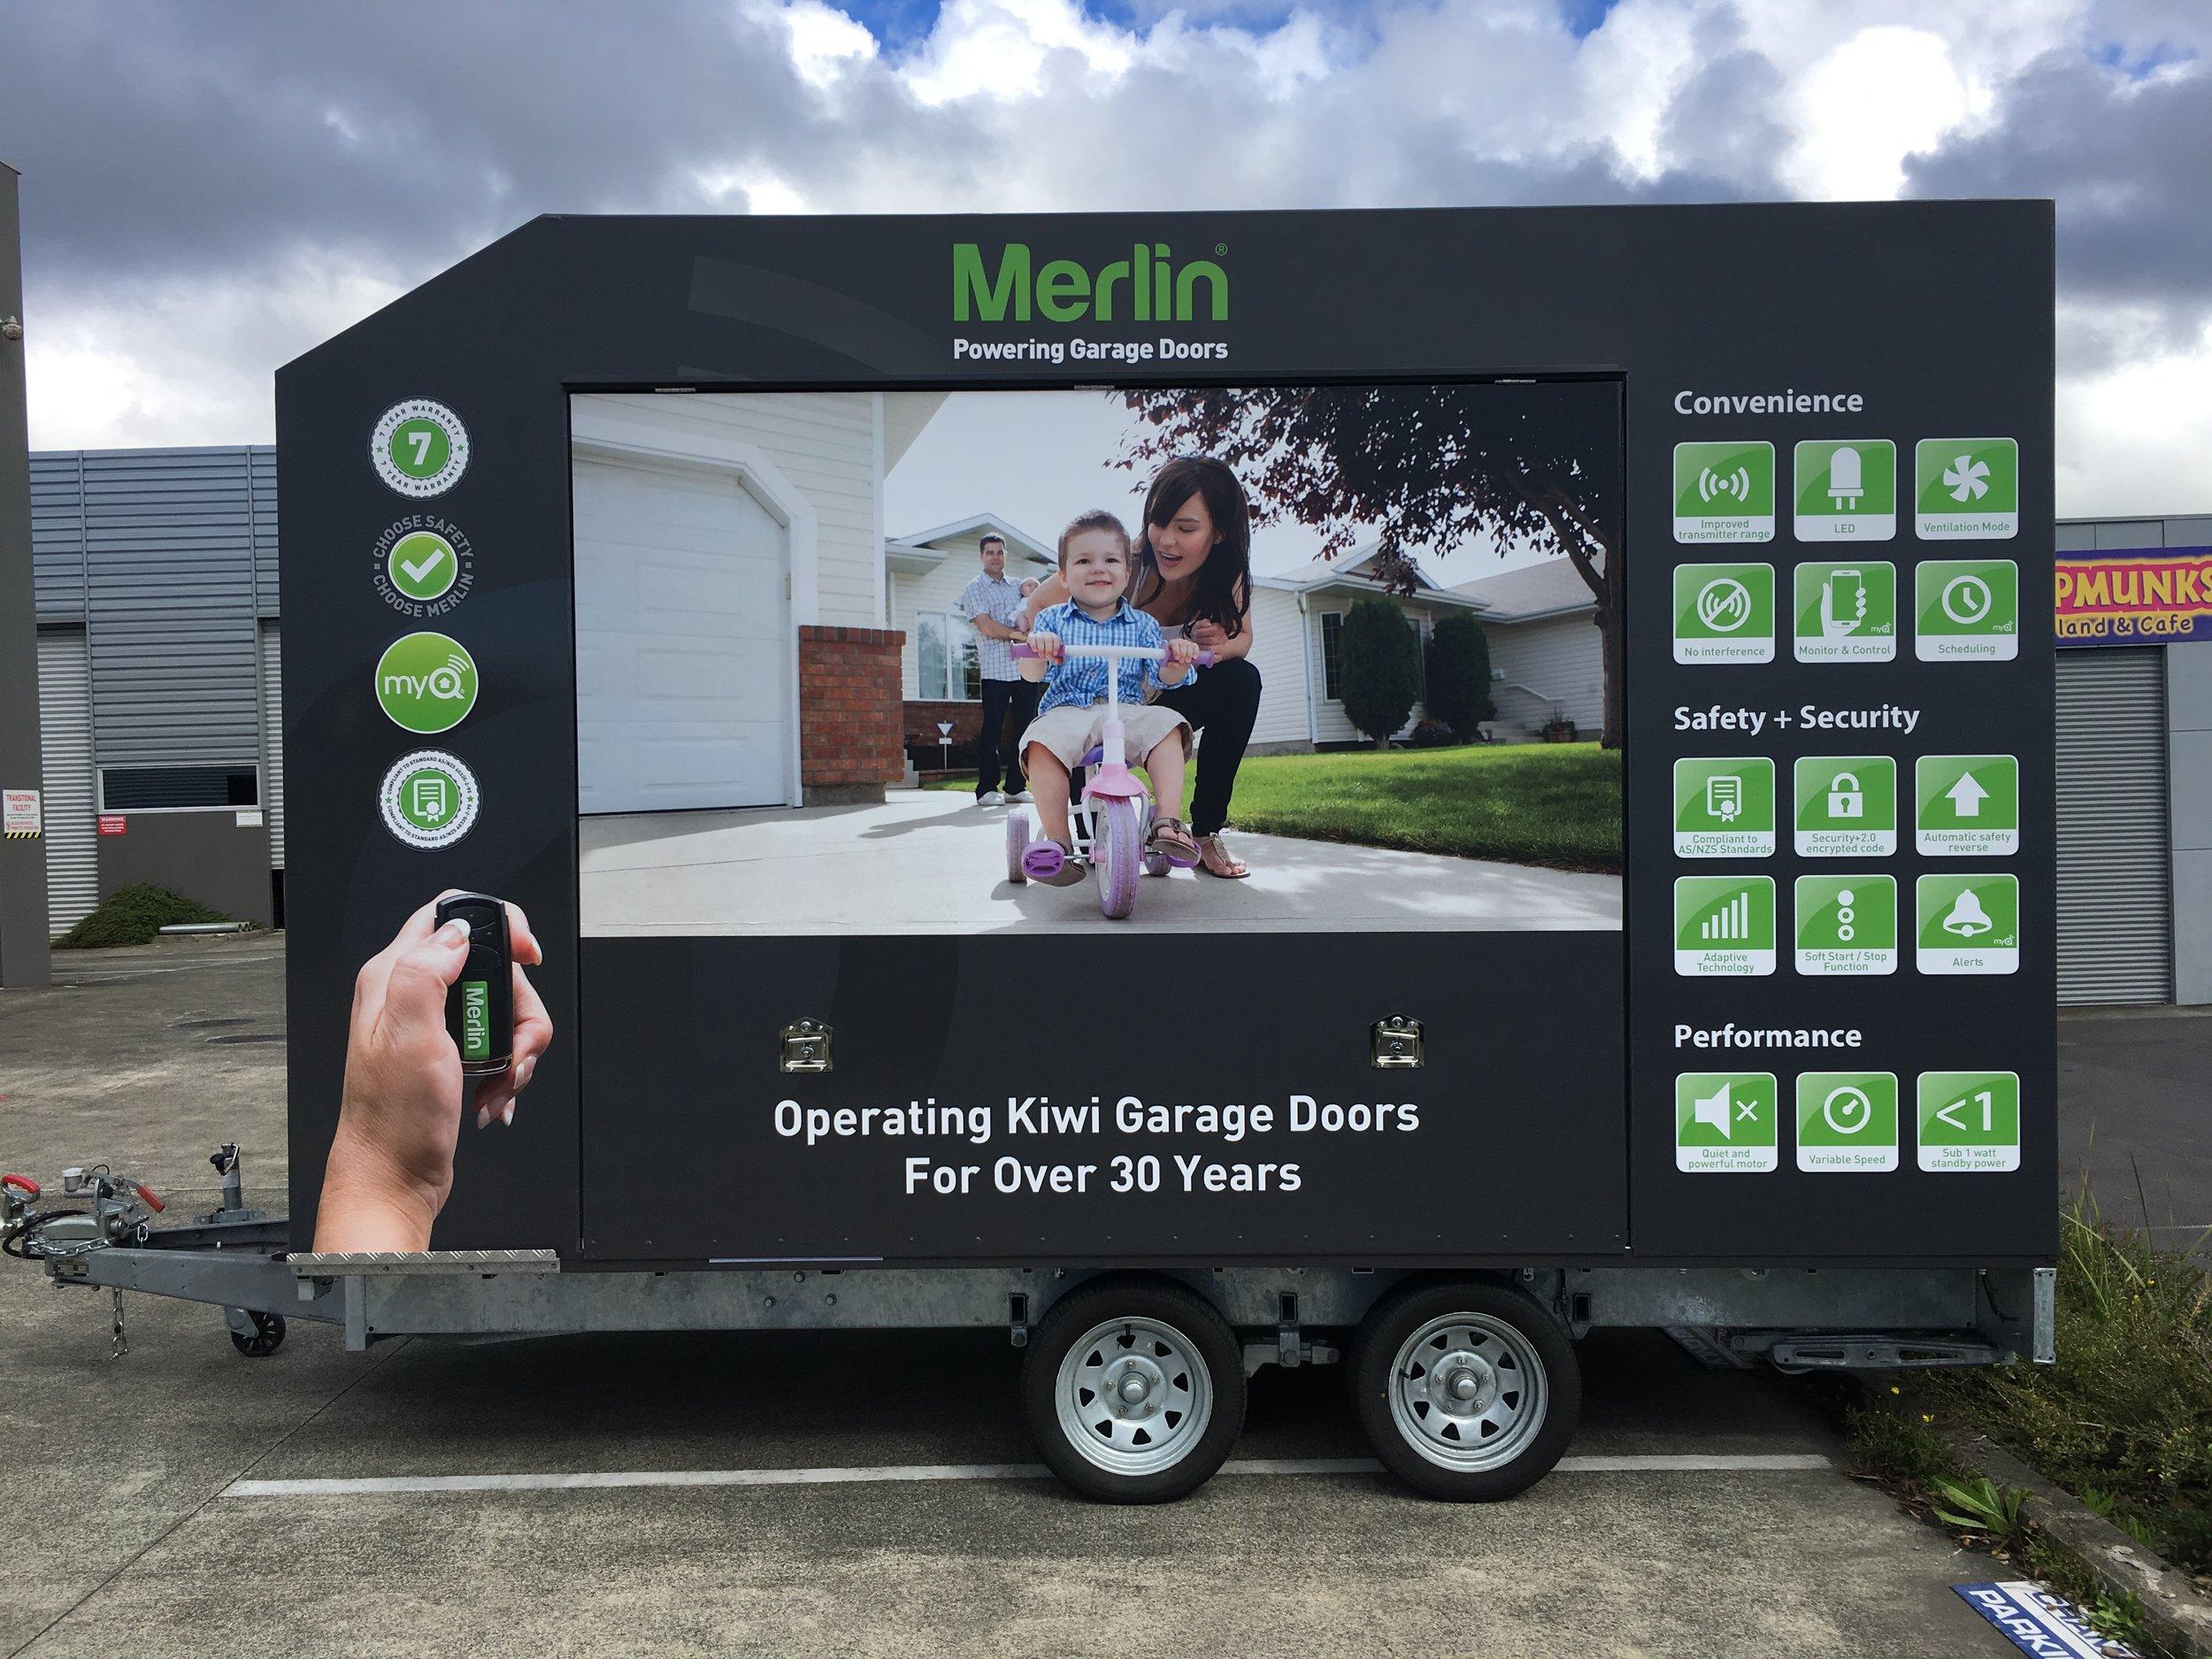 Merlin Garage Doors Trailer - Side View